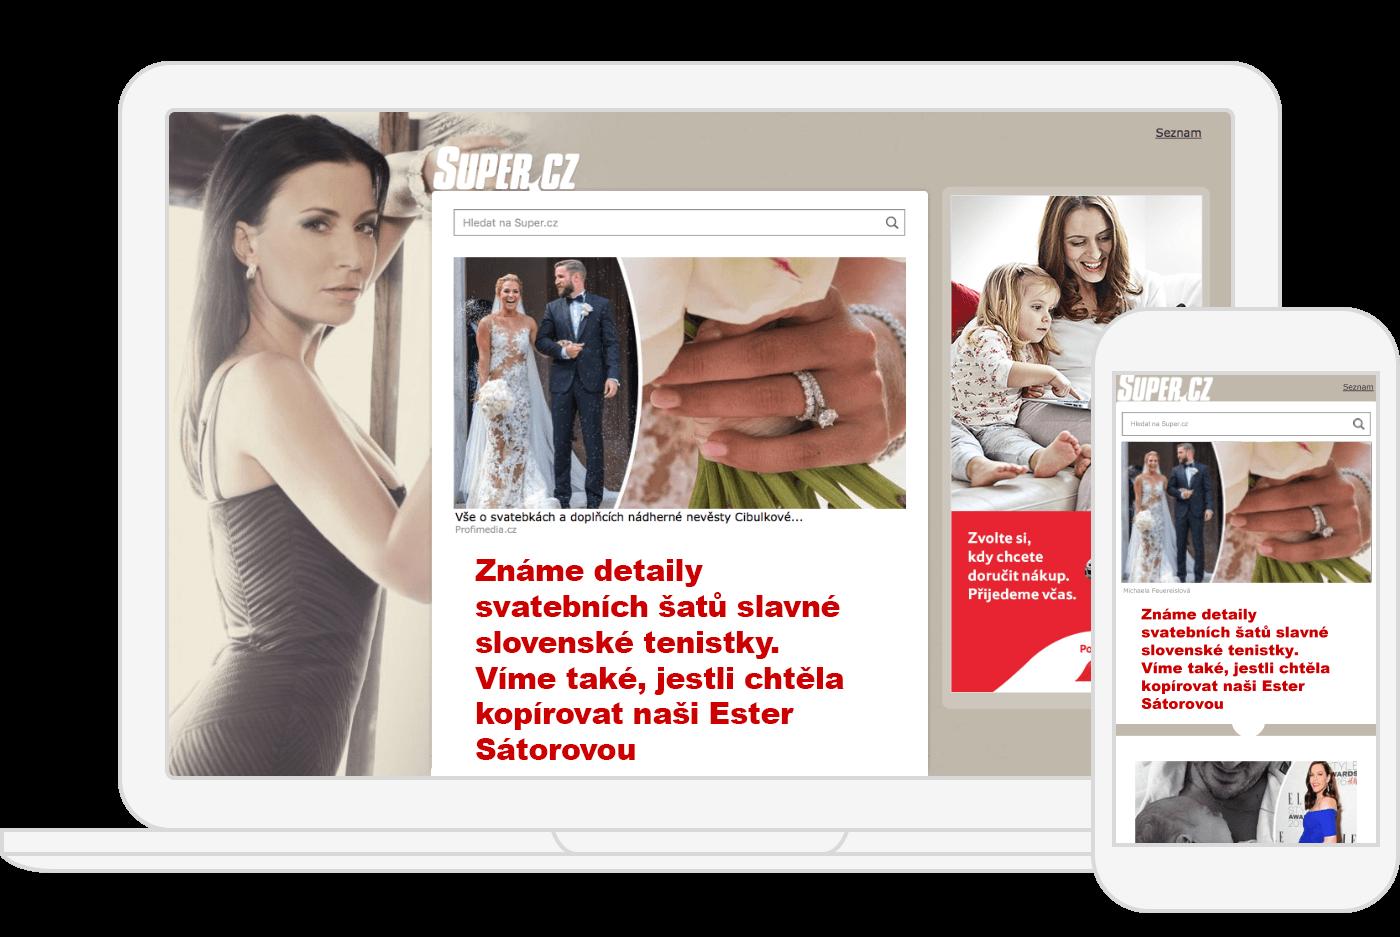 Ukázka reklamy na úvodní stránce super.cz